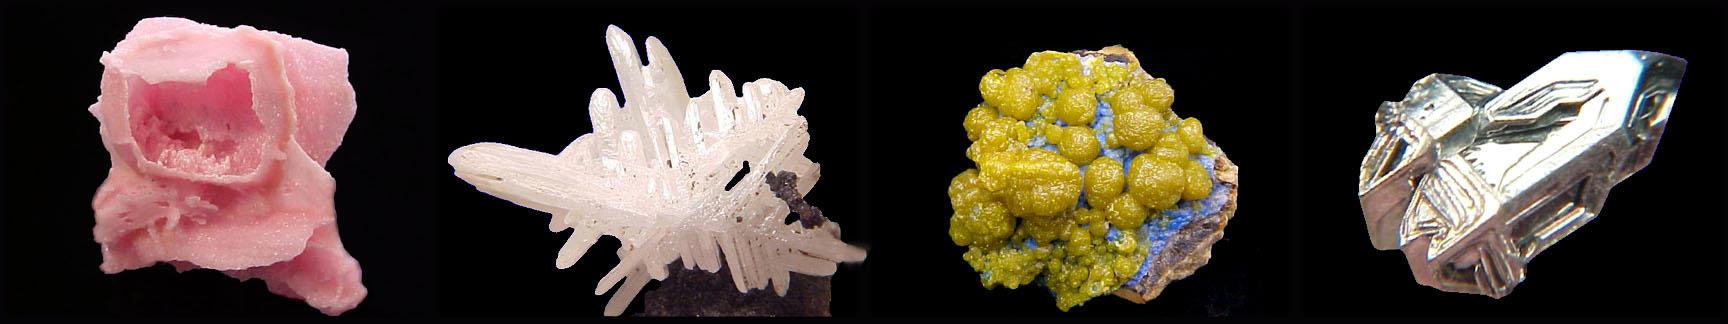 Rhodochrosite, Cerussite, Plumbogummite, Sylvanite